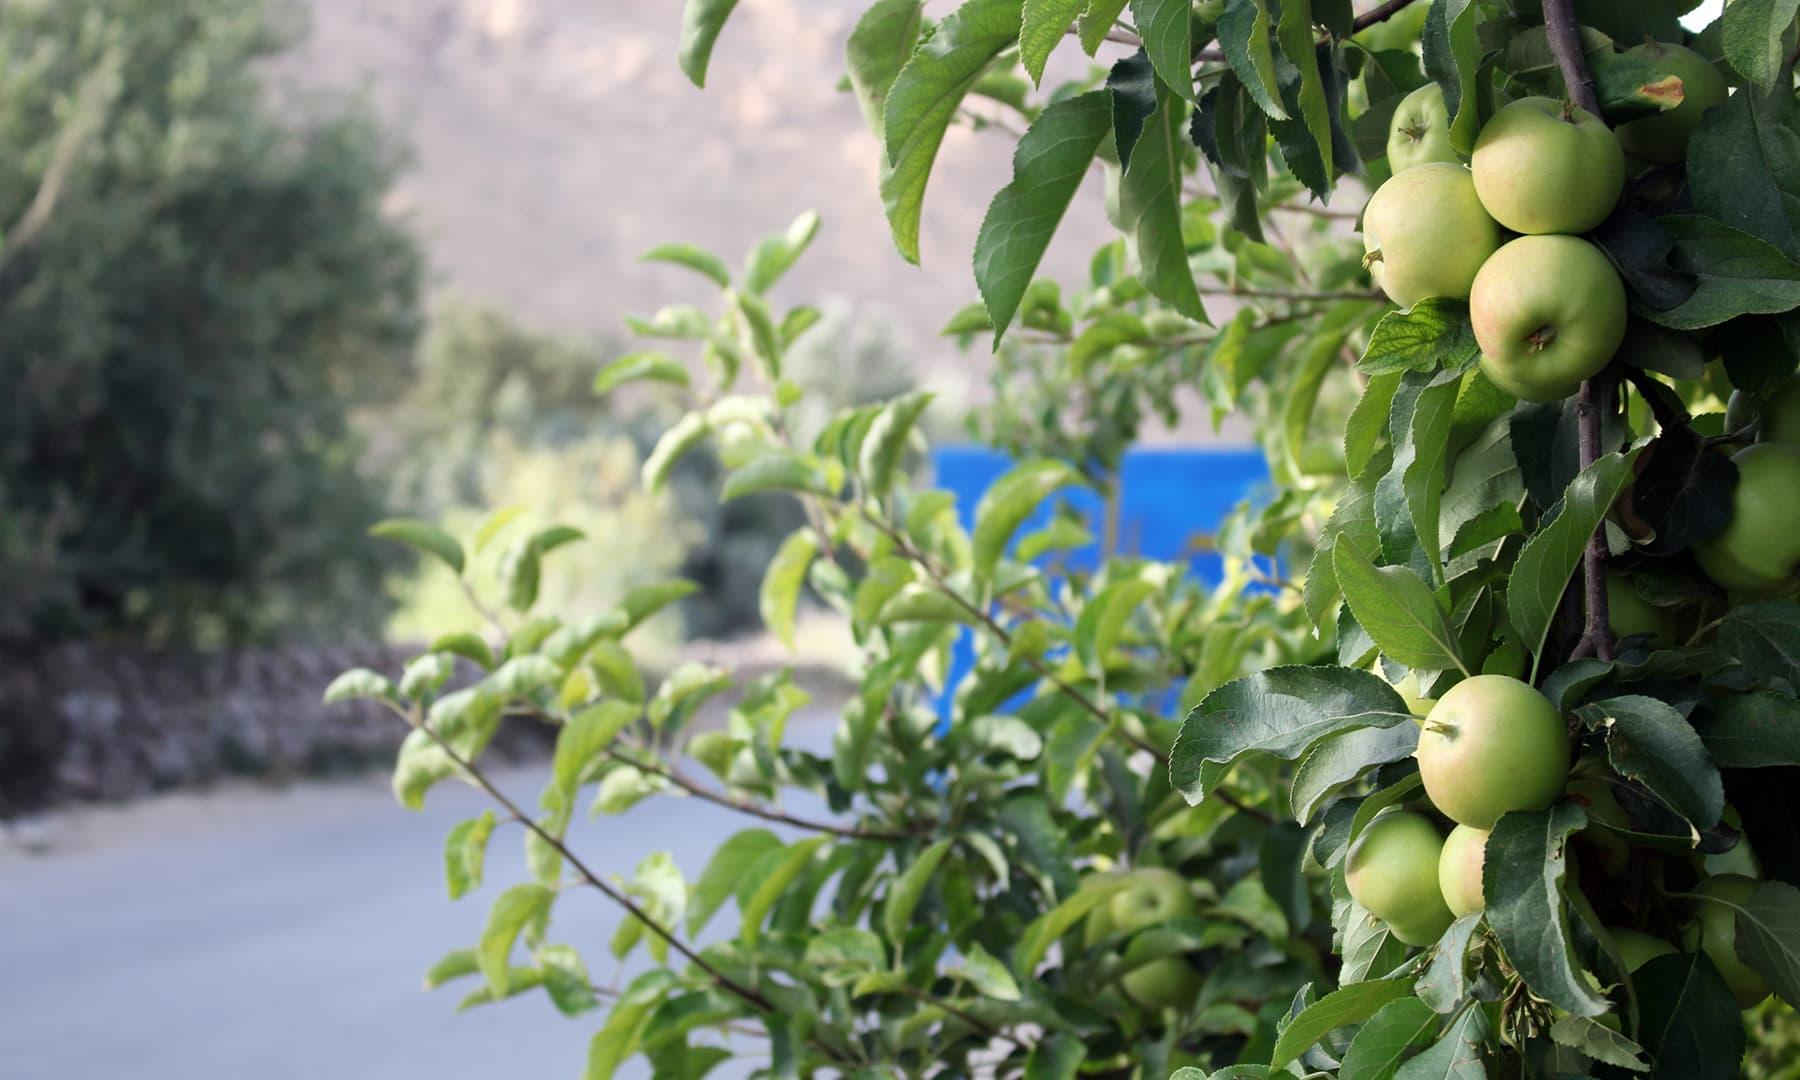 زیارت سے لورالائی جانے والے راستے میں سیب کے باغات— تصویر عبیداللہ کیہر